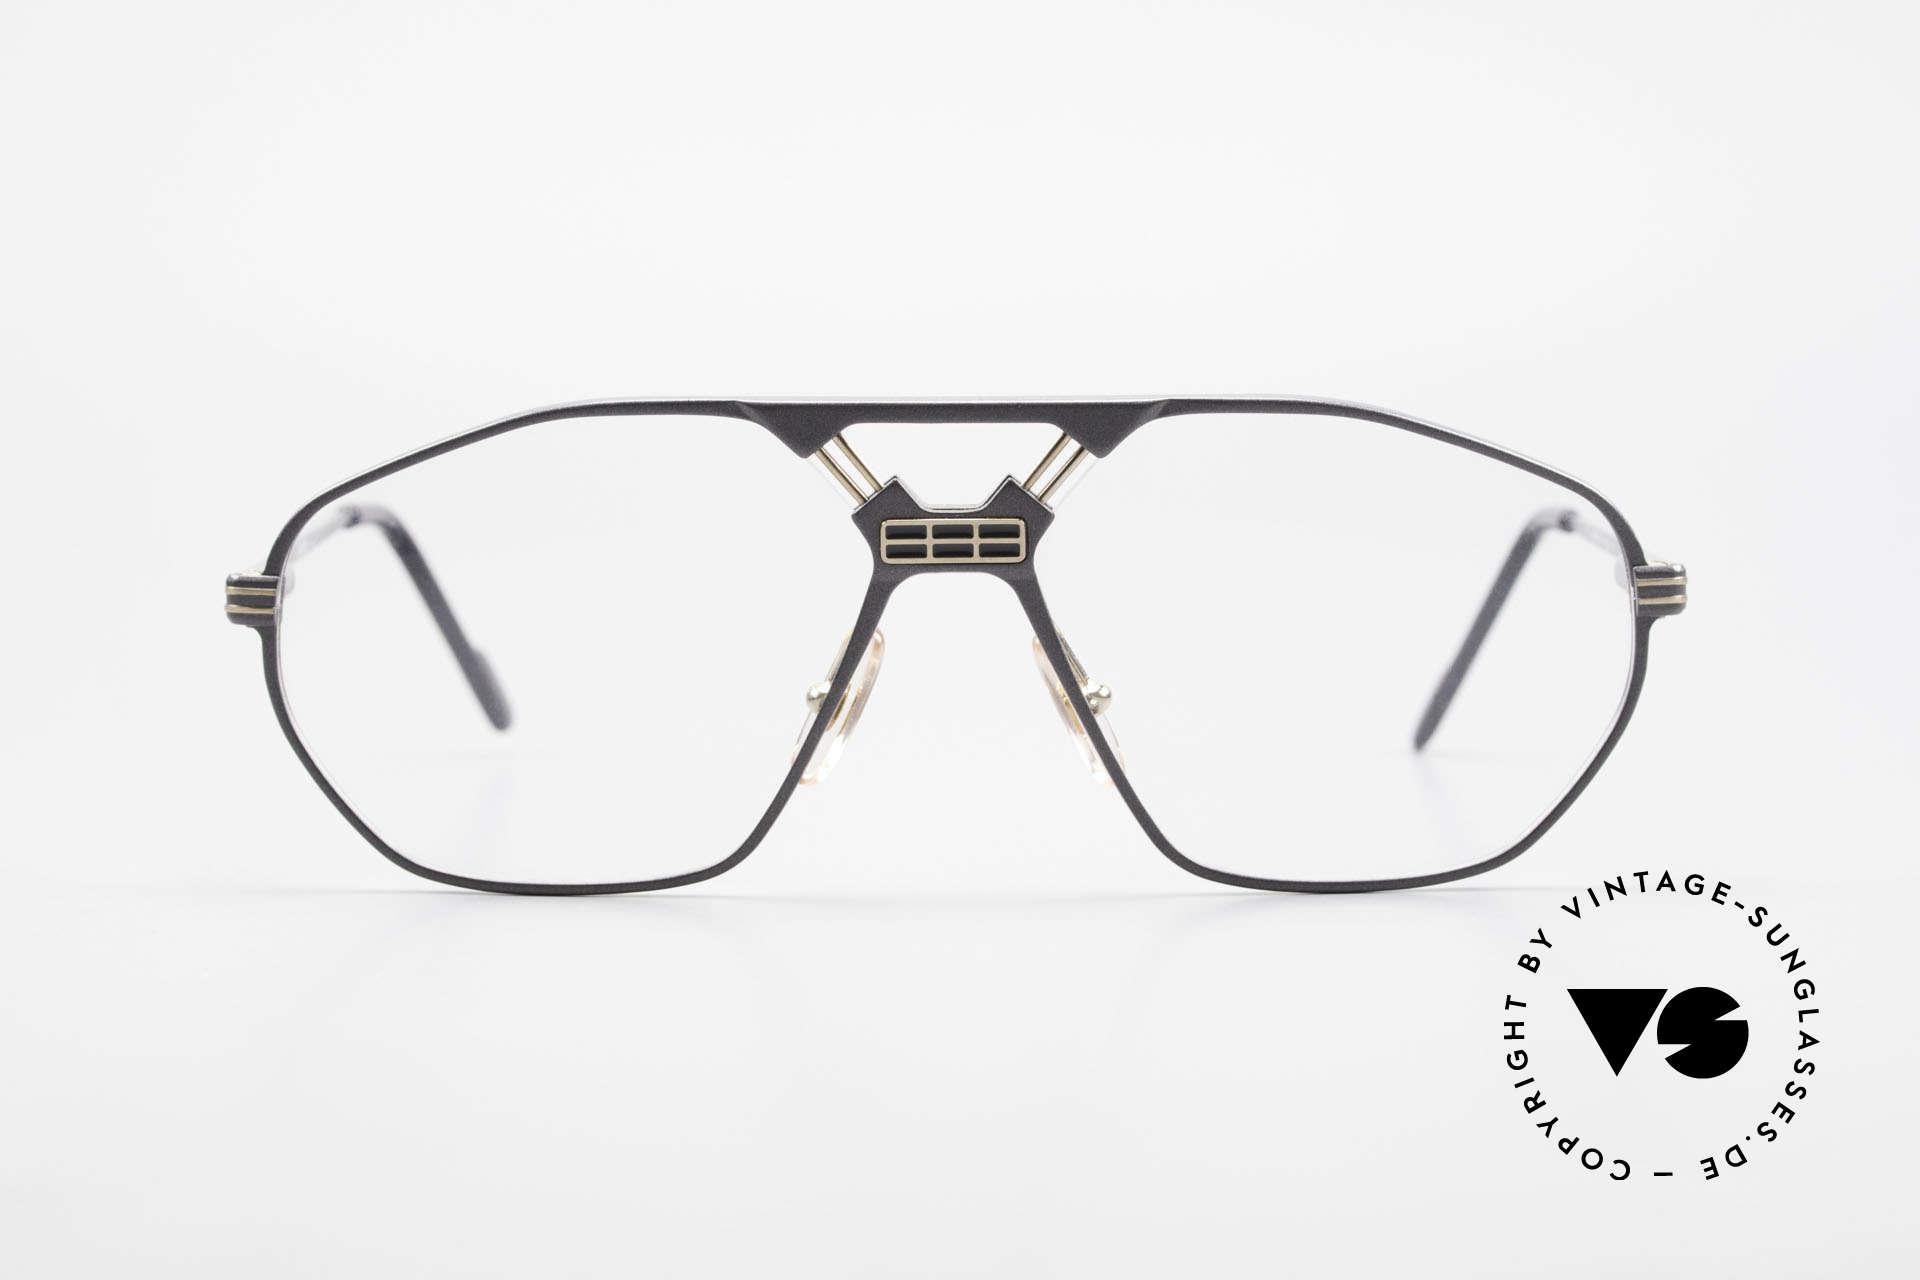 Ferrari F22 Formula 1 Vintage Glasses 90s, striking frame construction (very interesting bridge), Made for Men